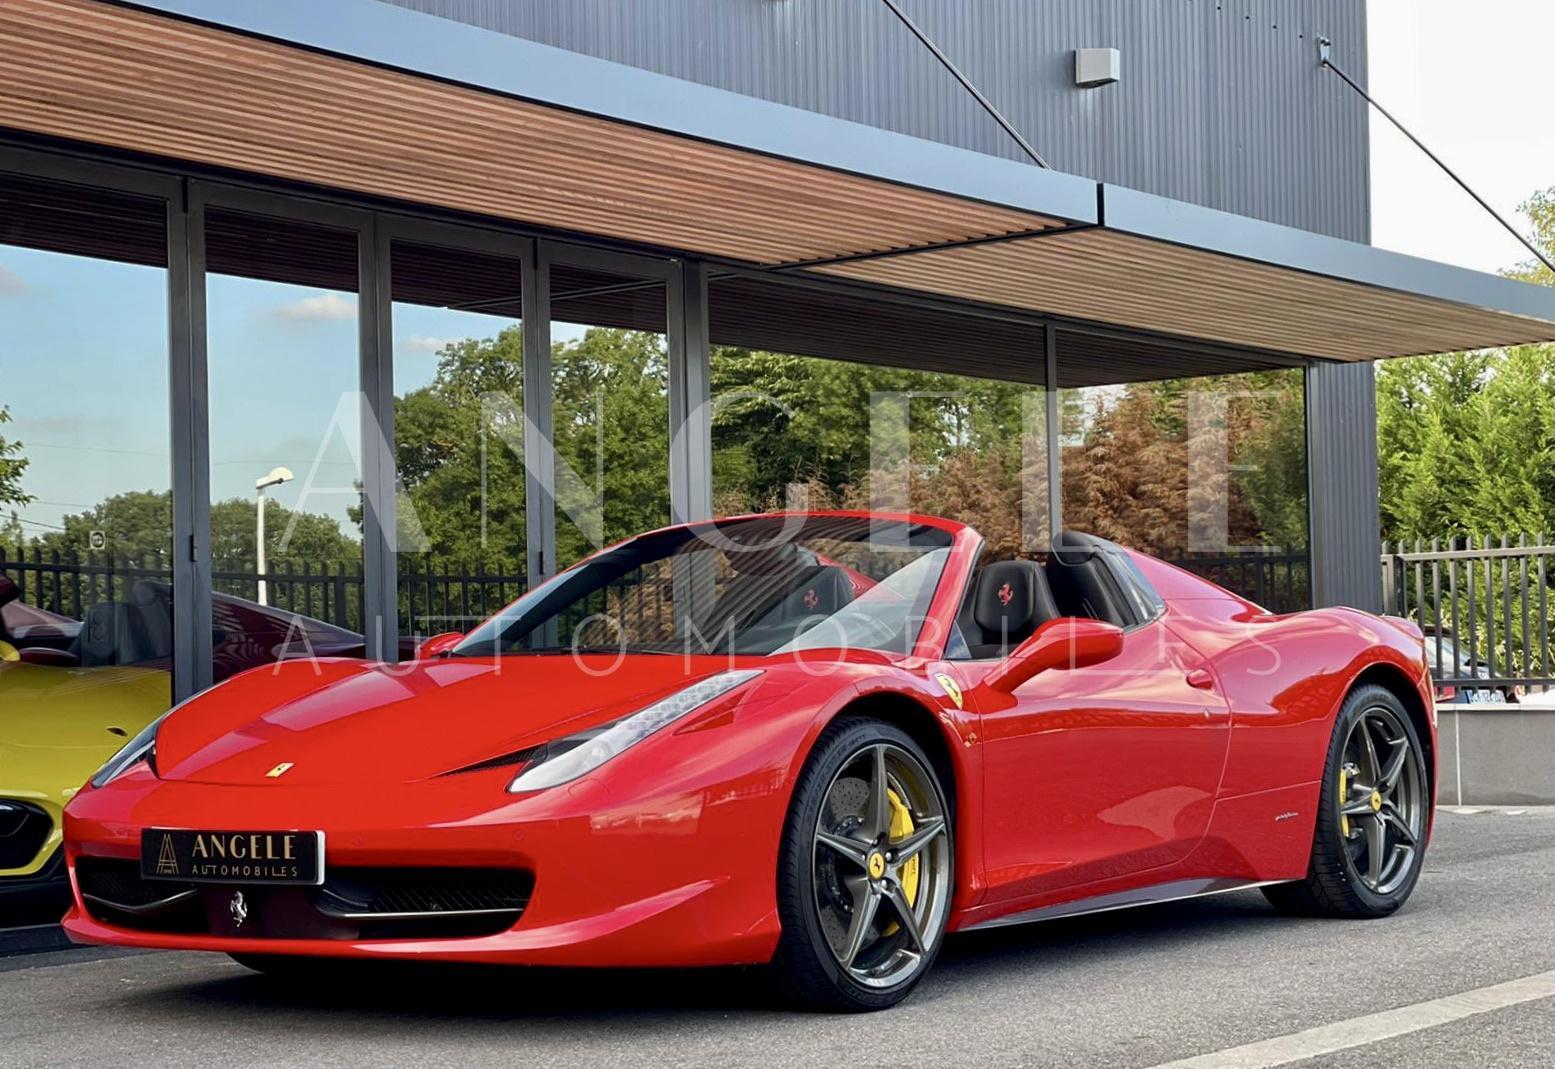 Ferrari 458 Spider - ANGELE AUTOMOBILES